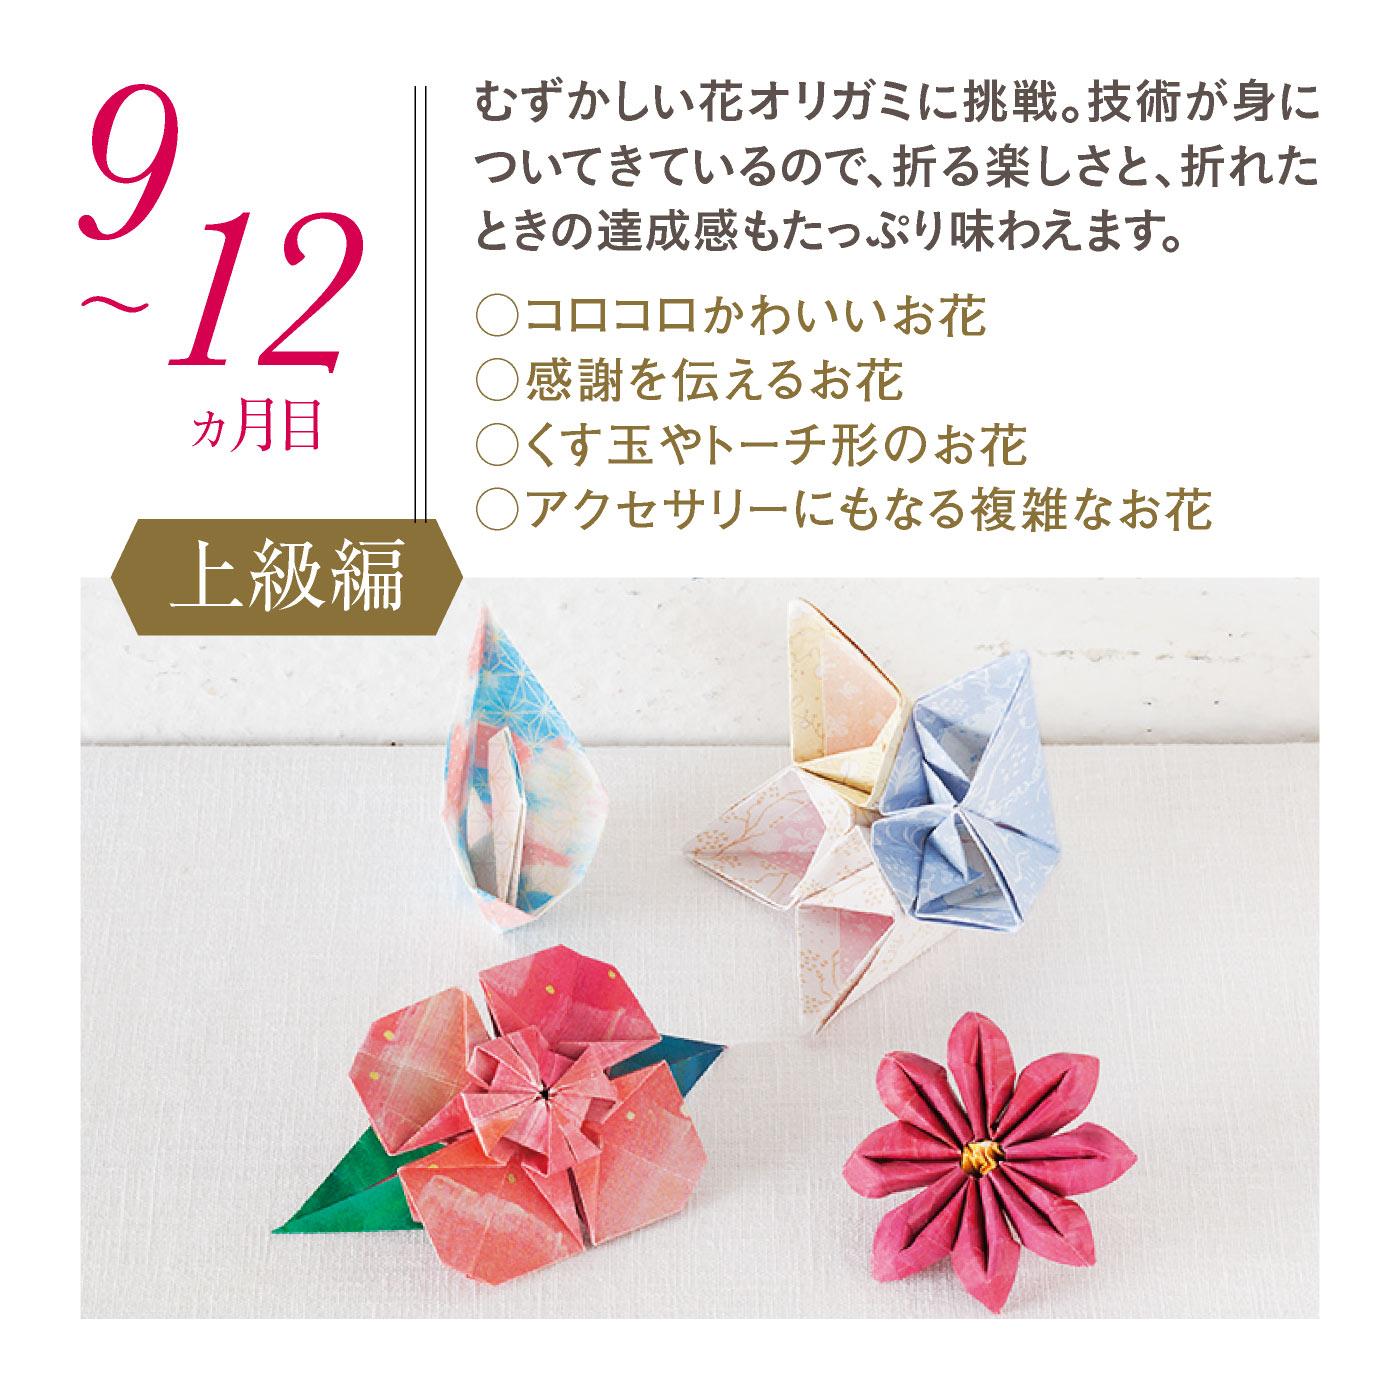 【9~12ヵ月目・上級編】